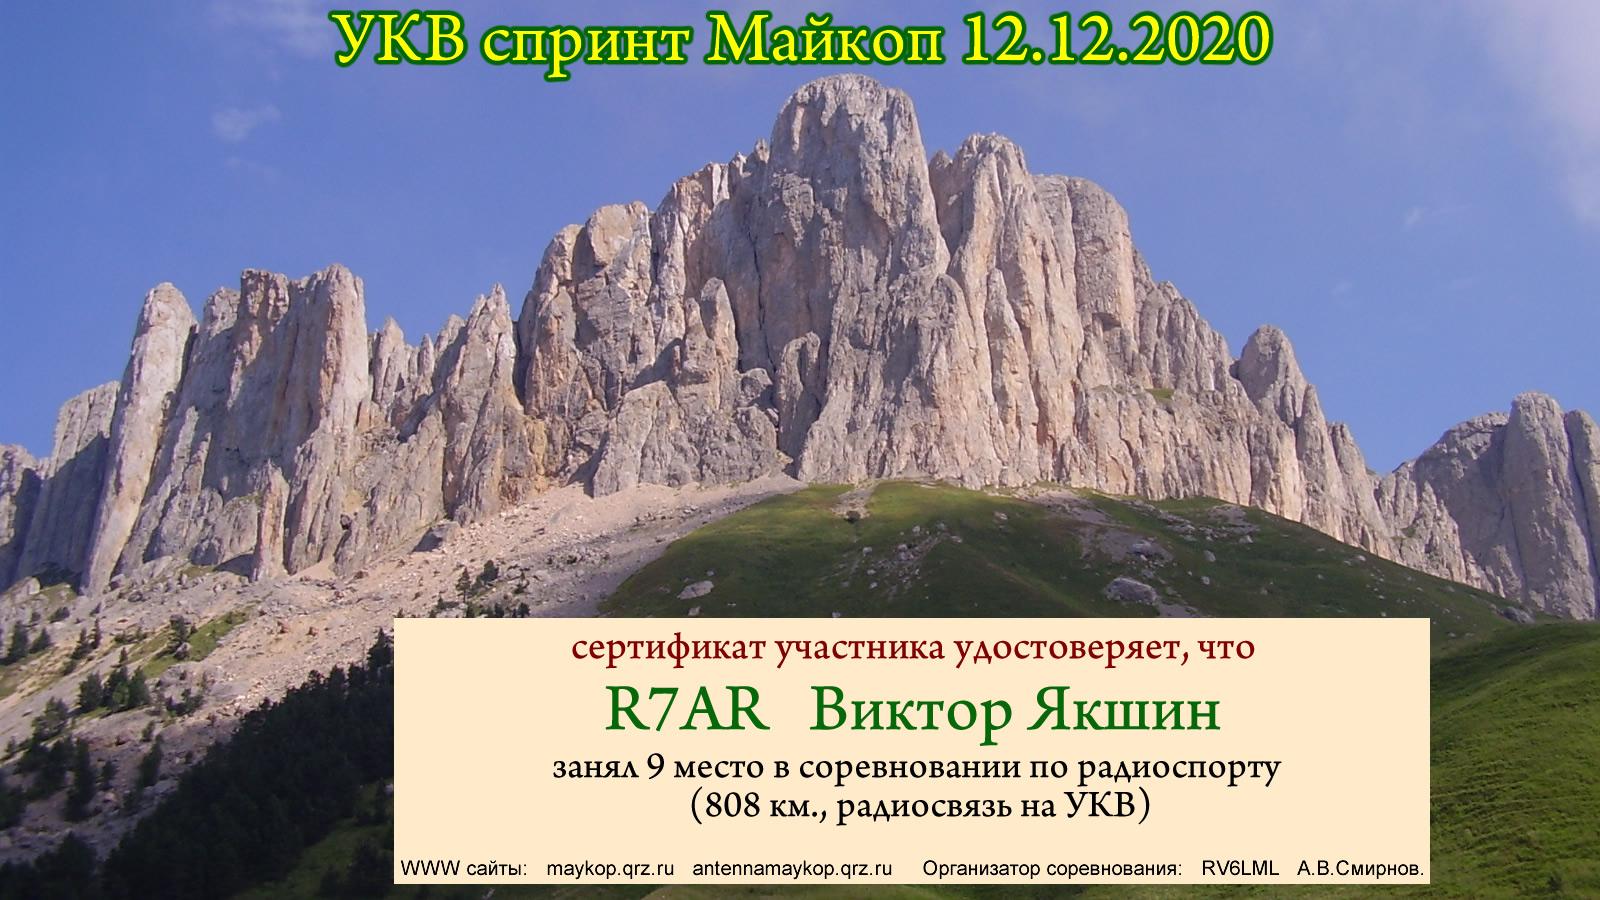 Нажмите на изображение для увеличения.  Название:Maykop_9sertif_R7AR.jpg Просмотров:177 Размер:412.3 Кб ID:352895